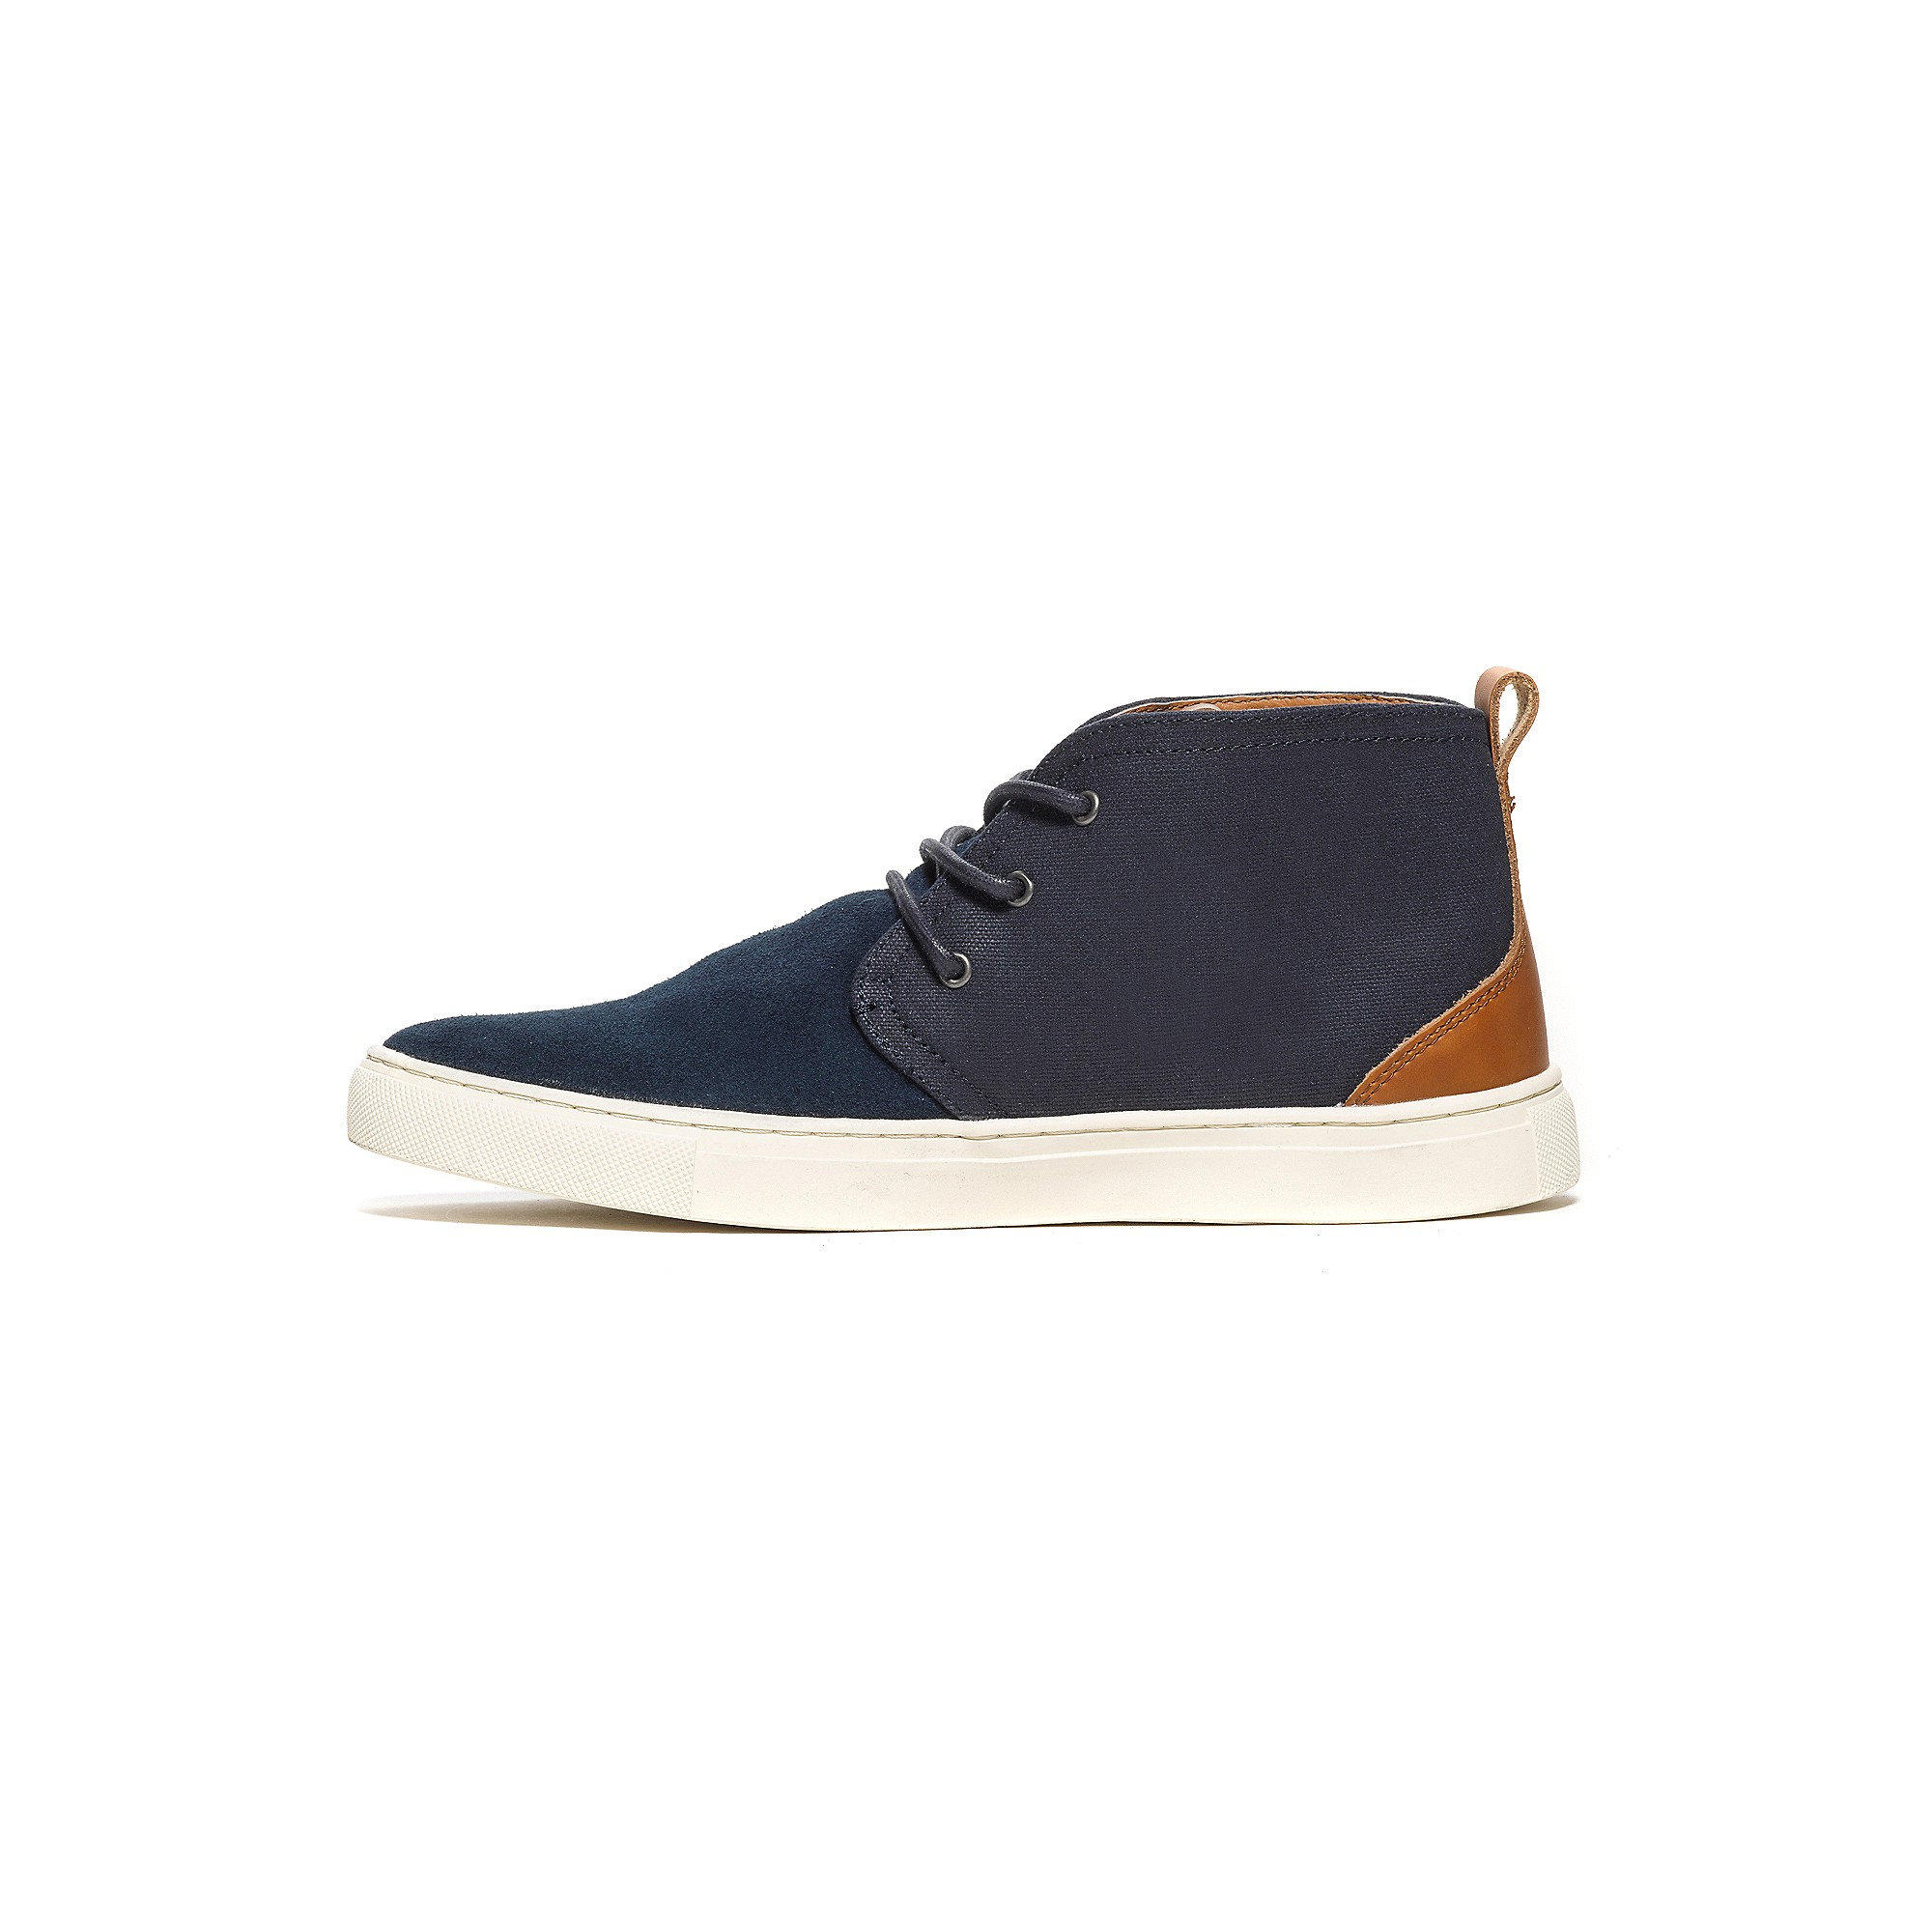 tommy hilfiger desert boot sneaker in blue for men navy. Black Bedroom Furniture Sets. Home Design Ideas